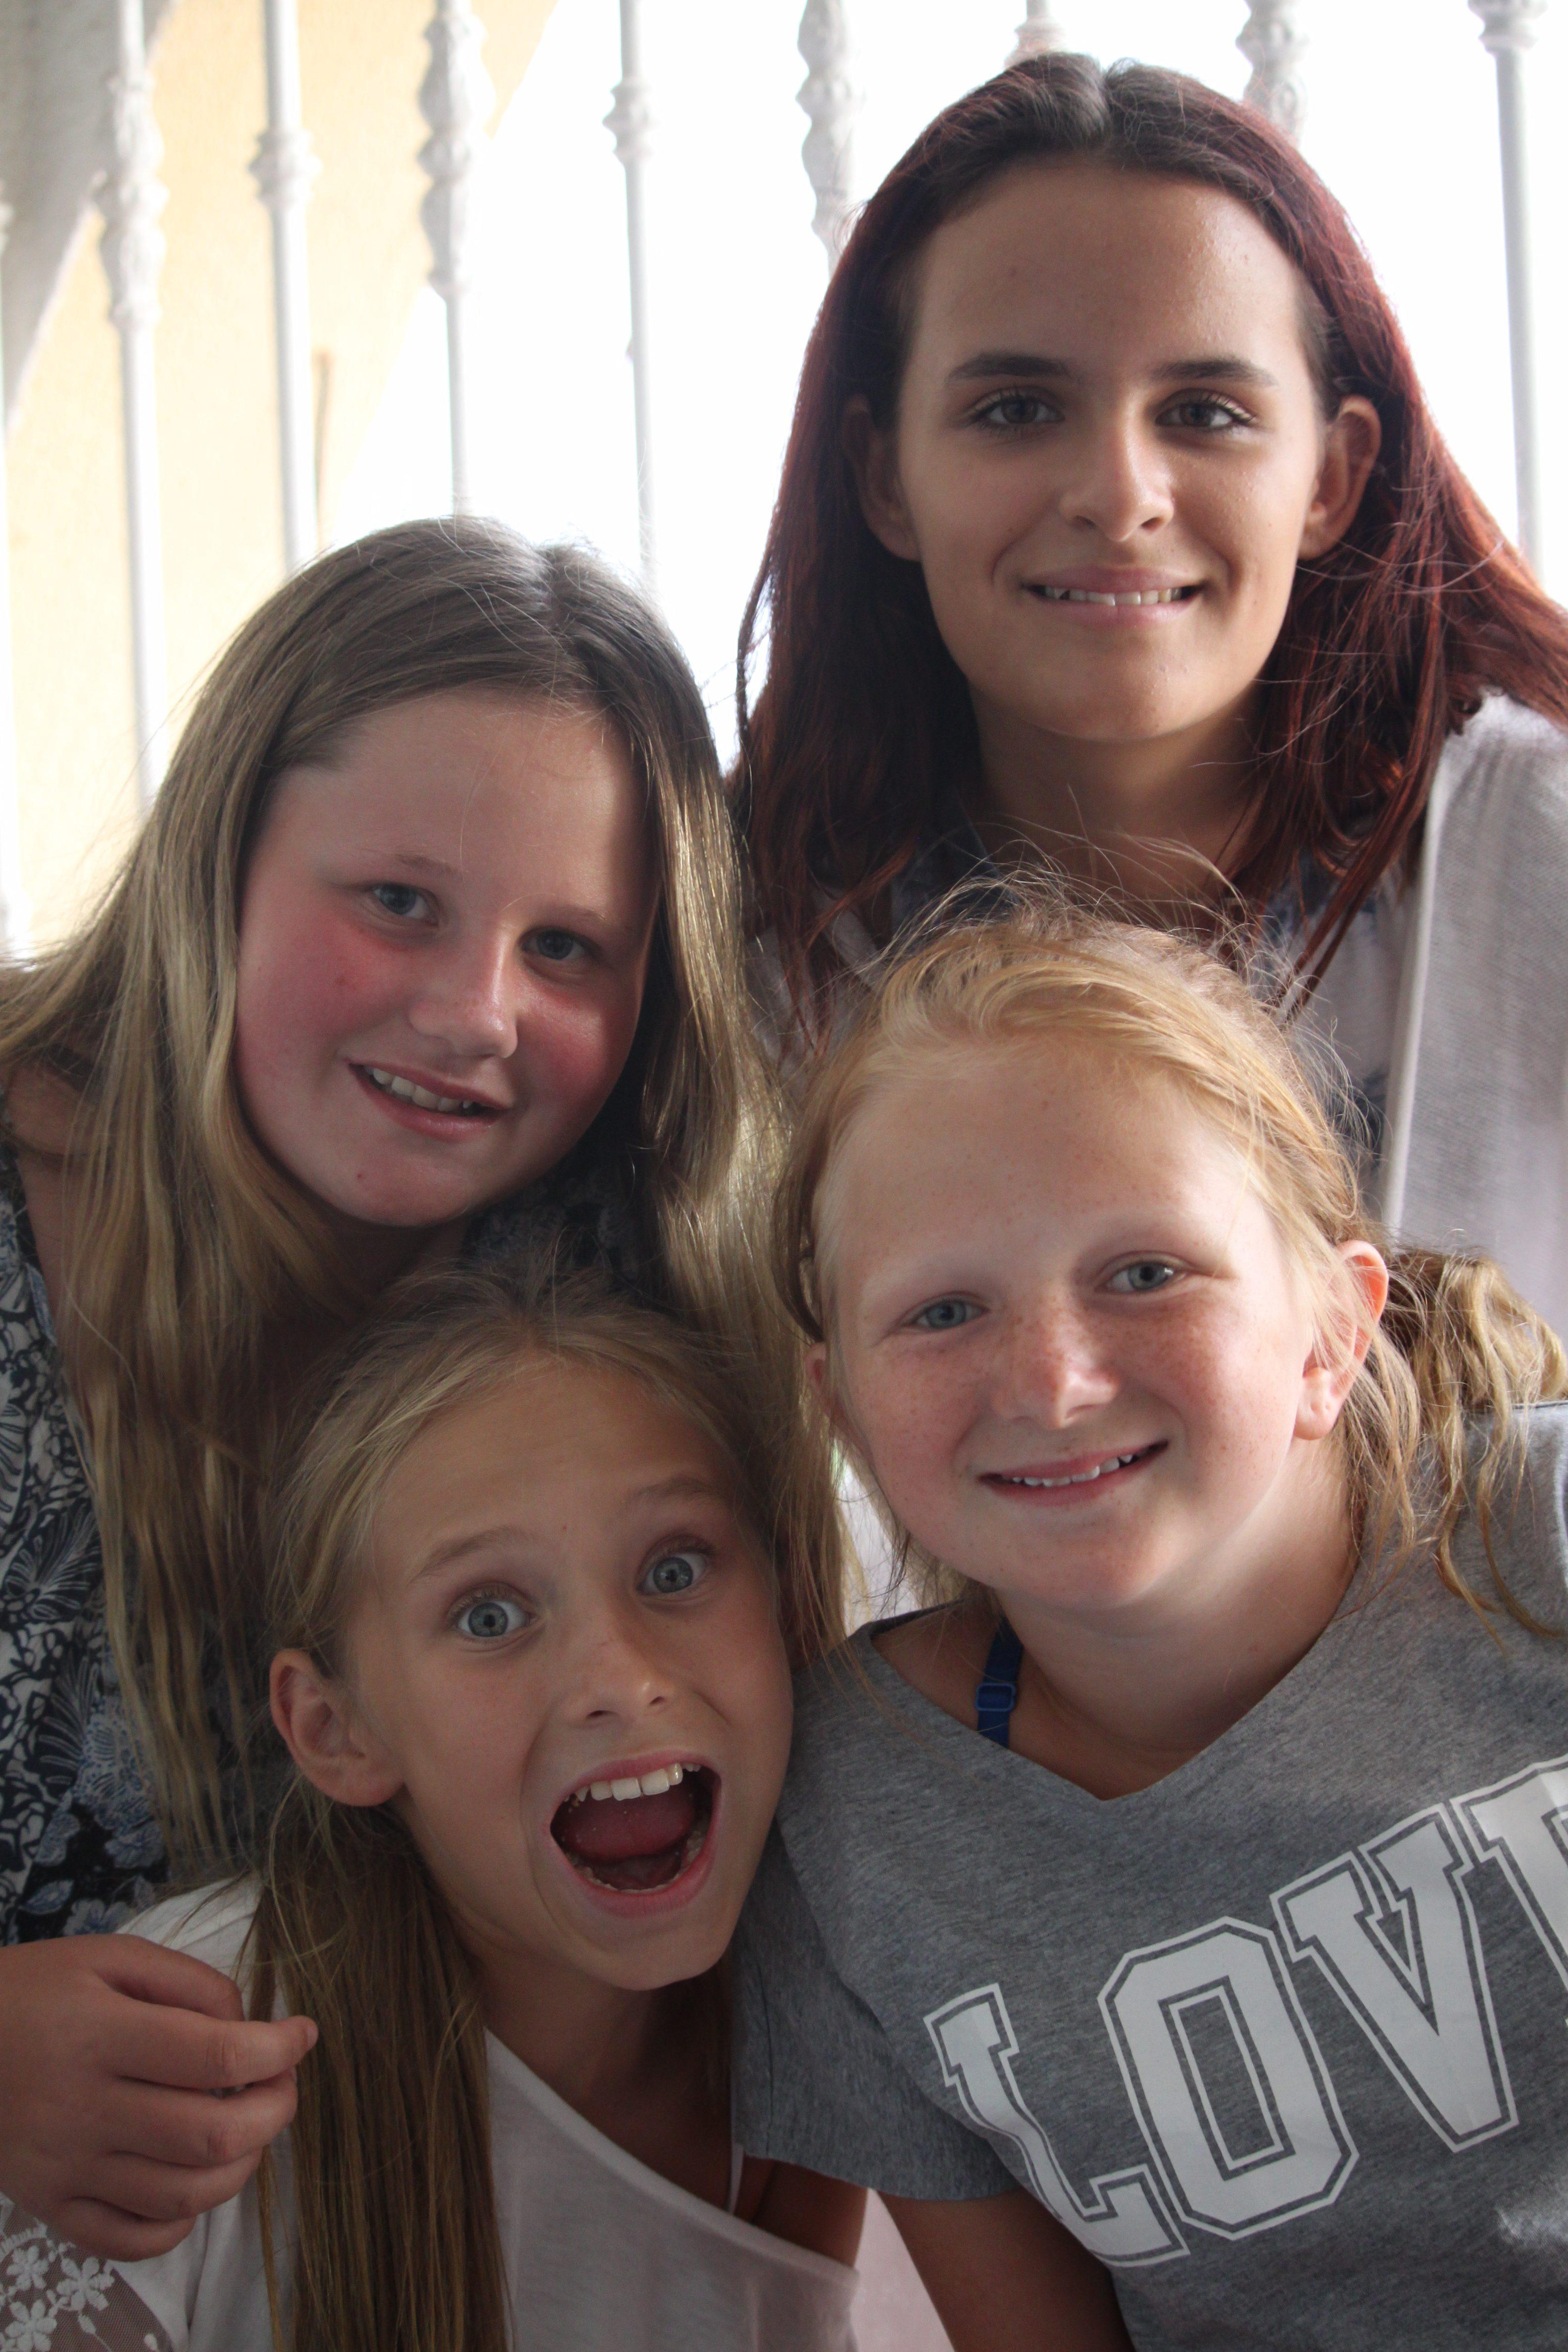 tjejer med stora brost traffa milf Svenska